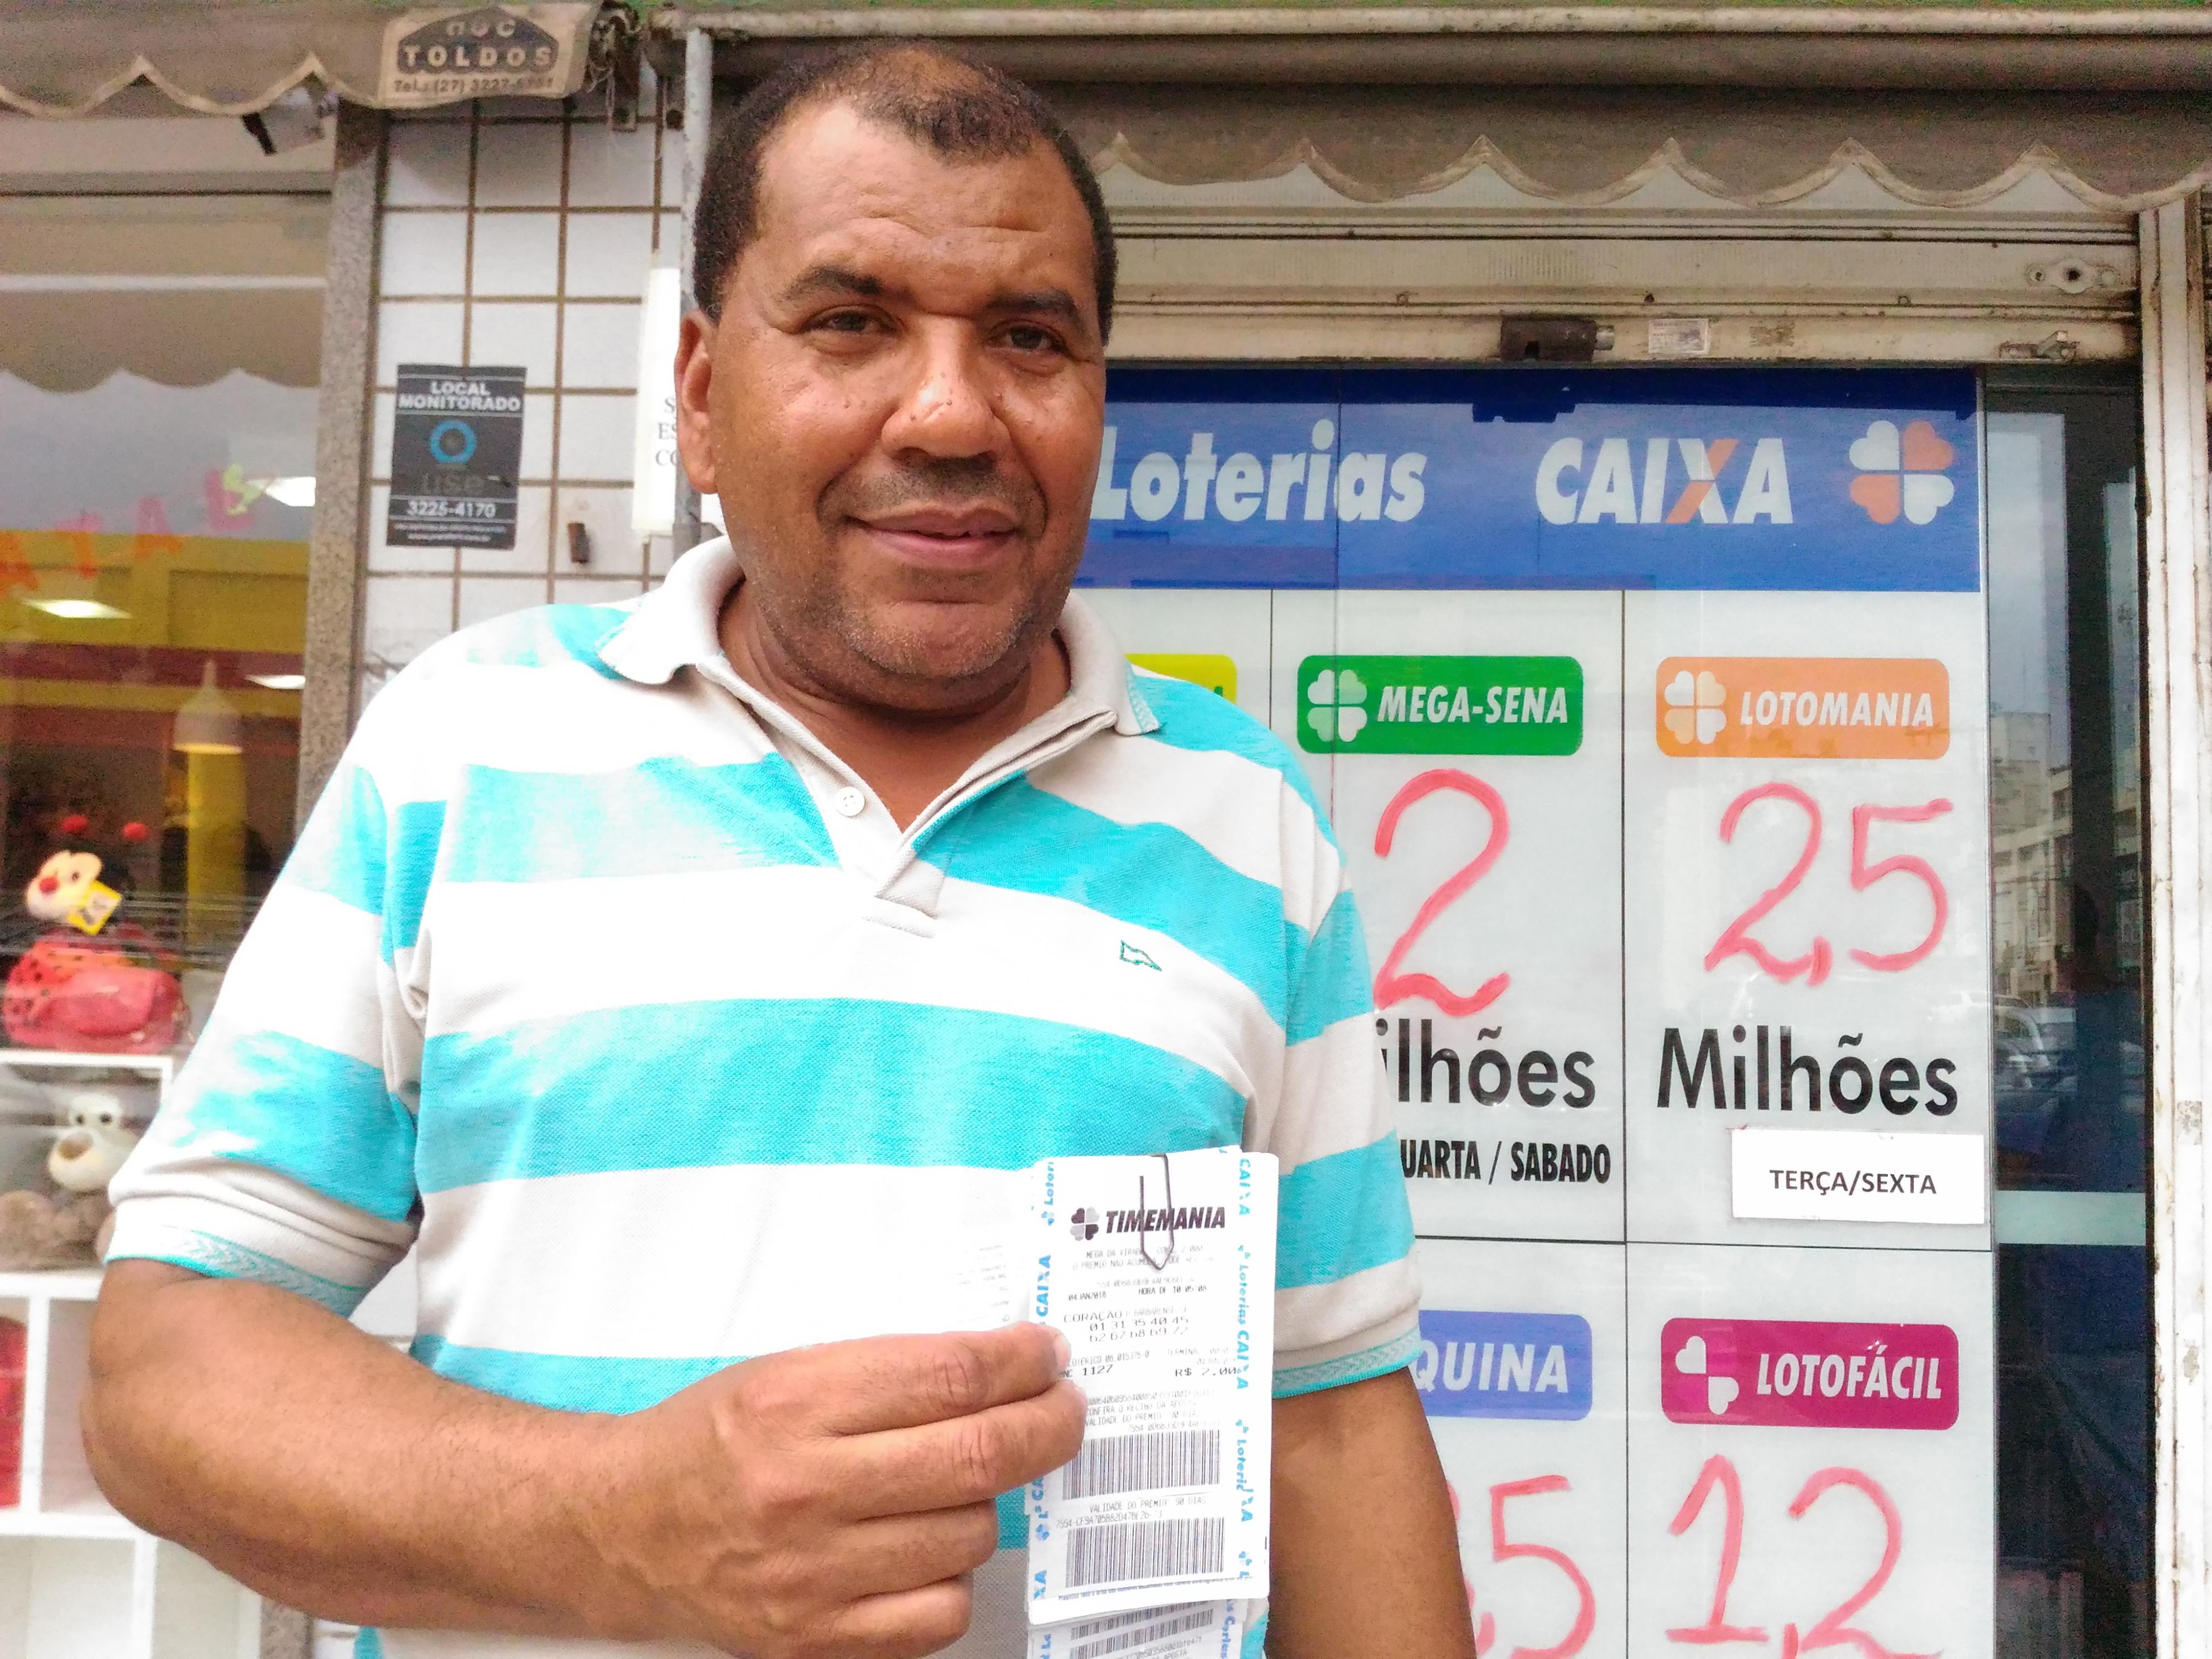 Seu José comprou R$ 30,00 de jogo nesta quinta-feira (4) e acredita que uma hora sorte chega novamente. Crédito: Kaique Dias